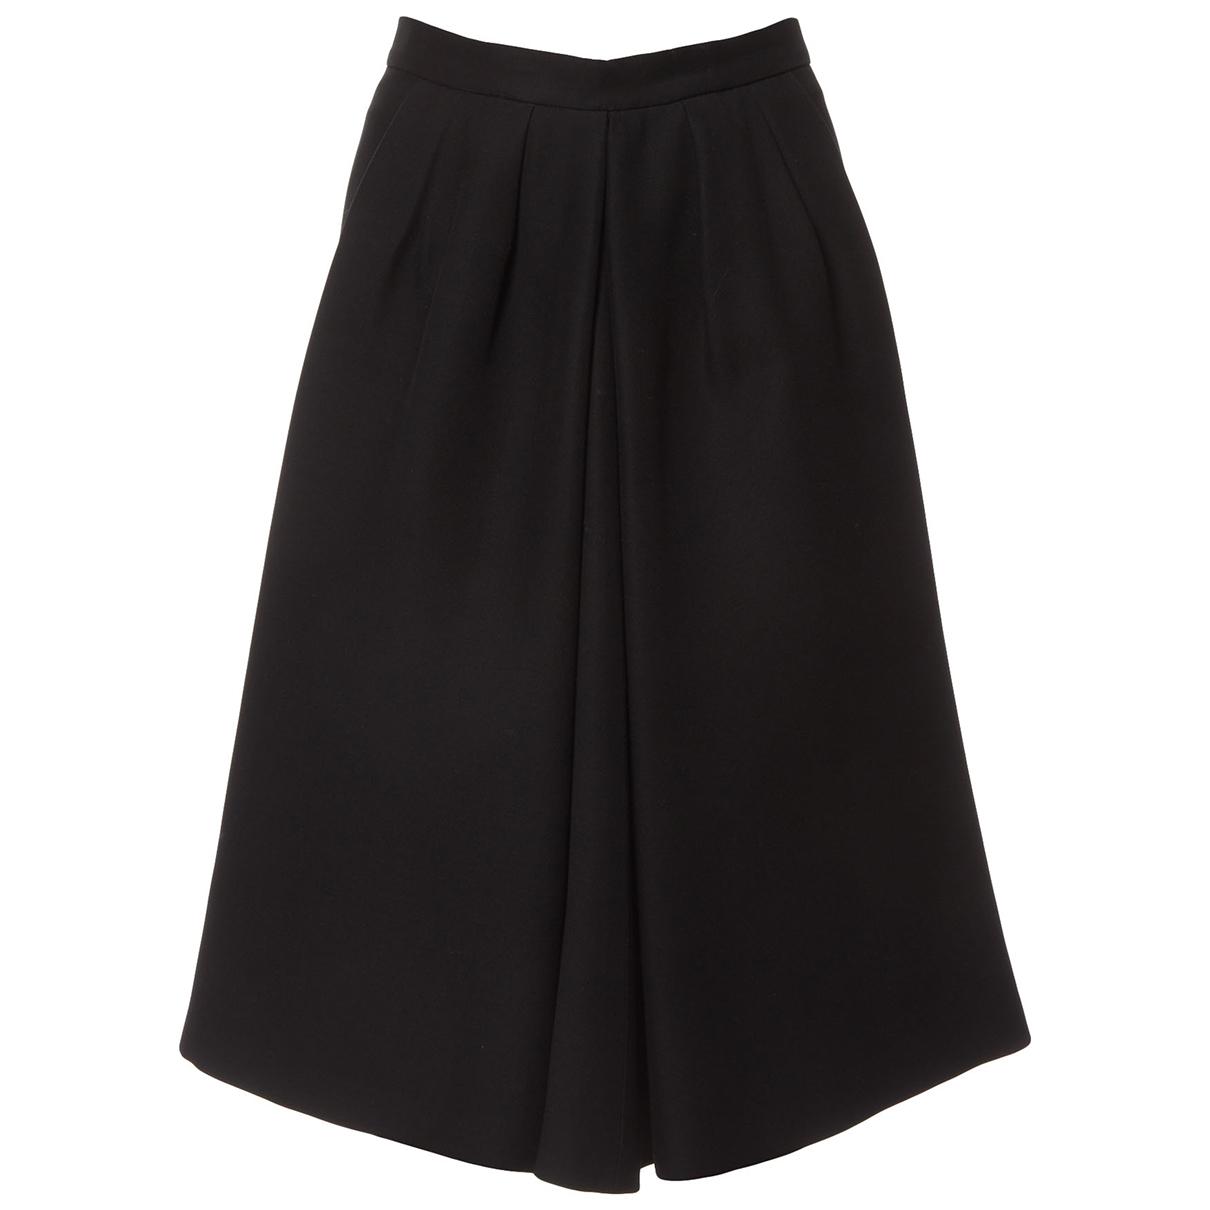 Christian Dior \N Black Wool skirt for Women 36 FR